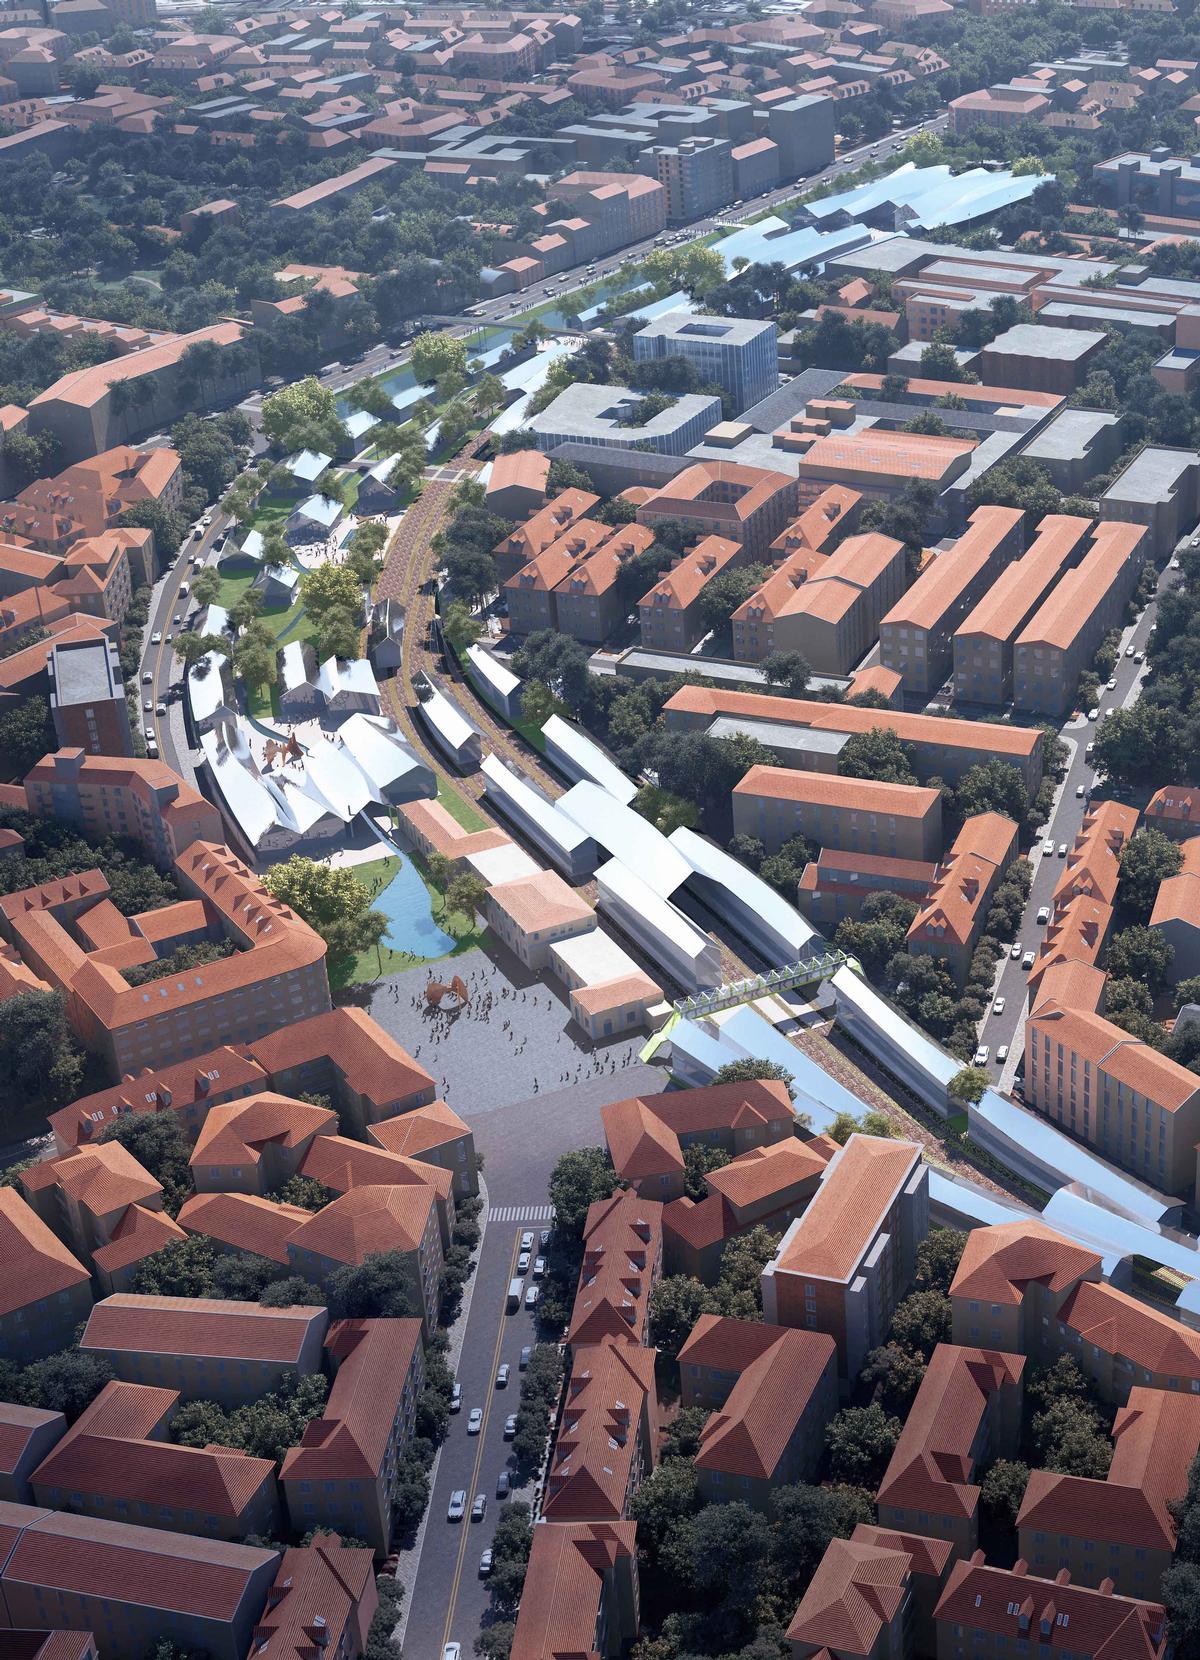 Stefano Boeri Architetti, Mecanoo Architecten, Miralles Tagliabue and Cino Zucchi Architetti are also working on the project / MAD Architects